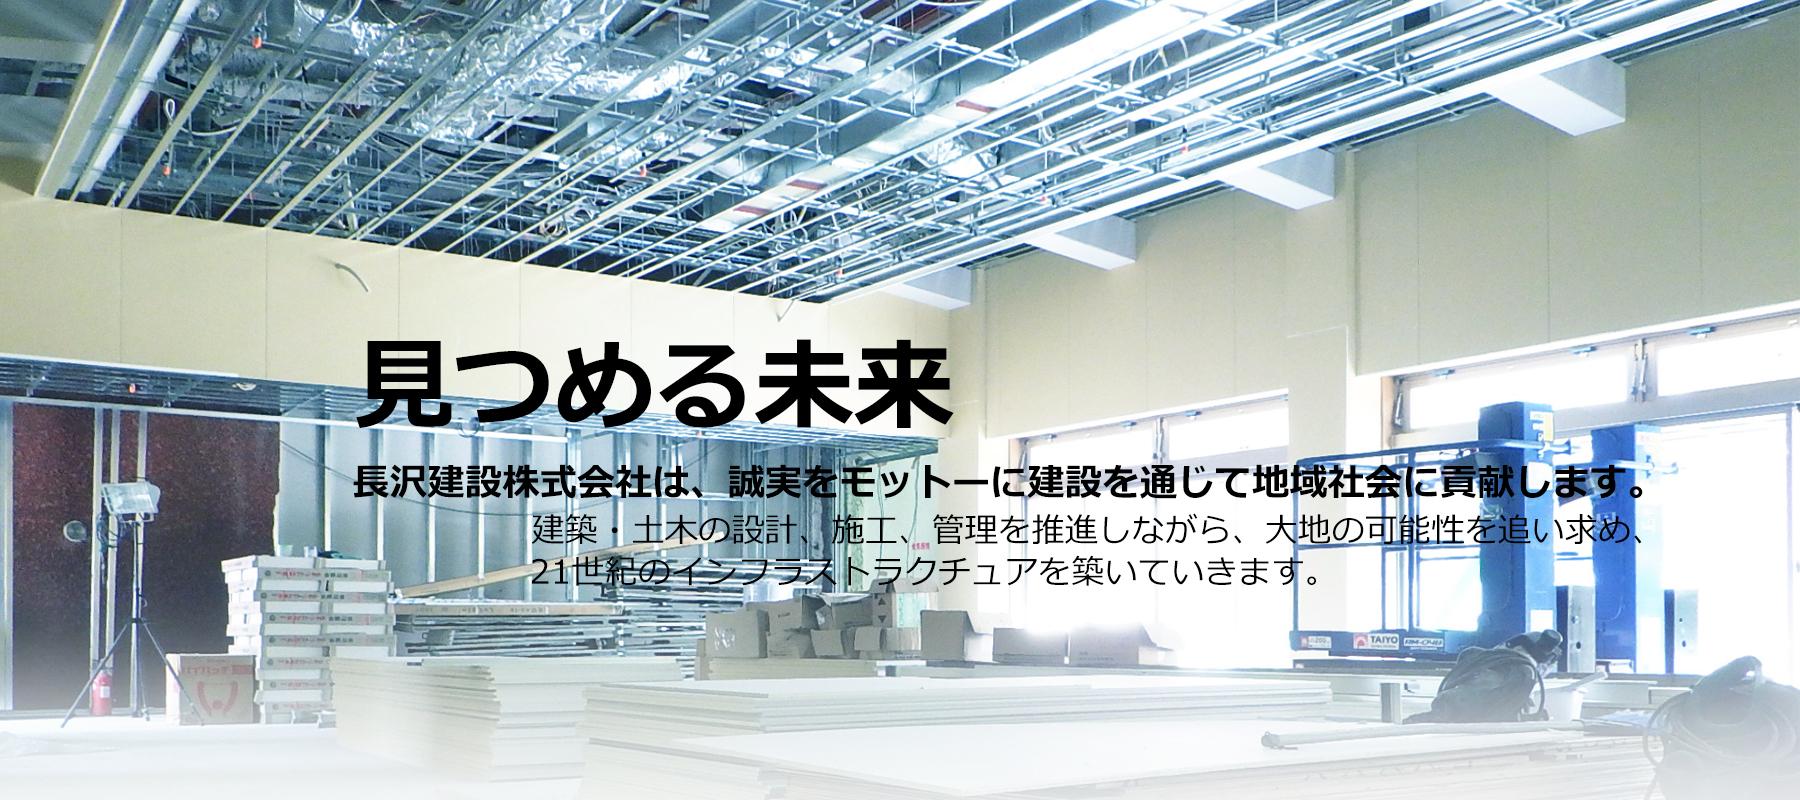 みつめる未来ー山陽小野田市の建設会社 長沢建設株式会社です。